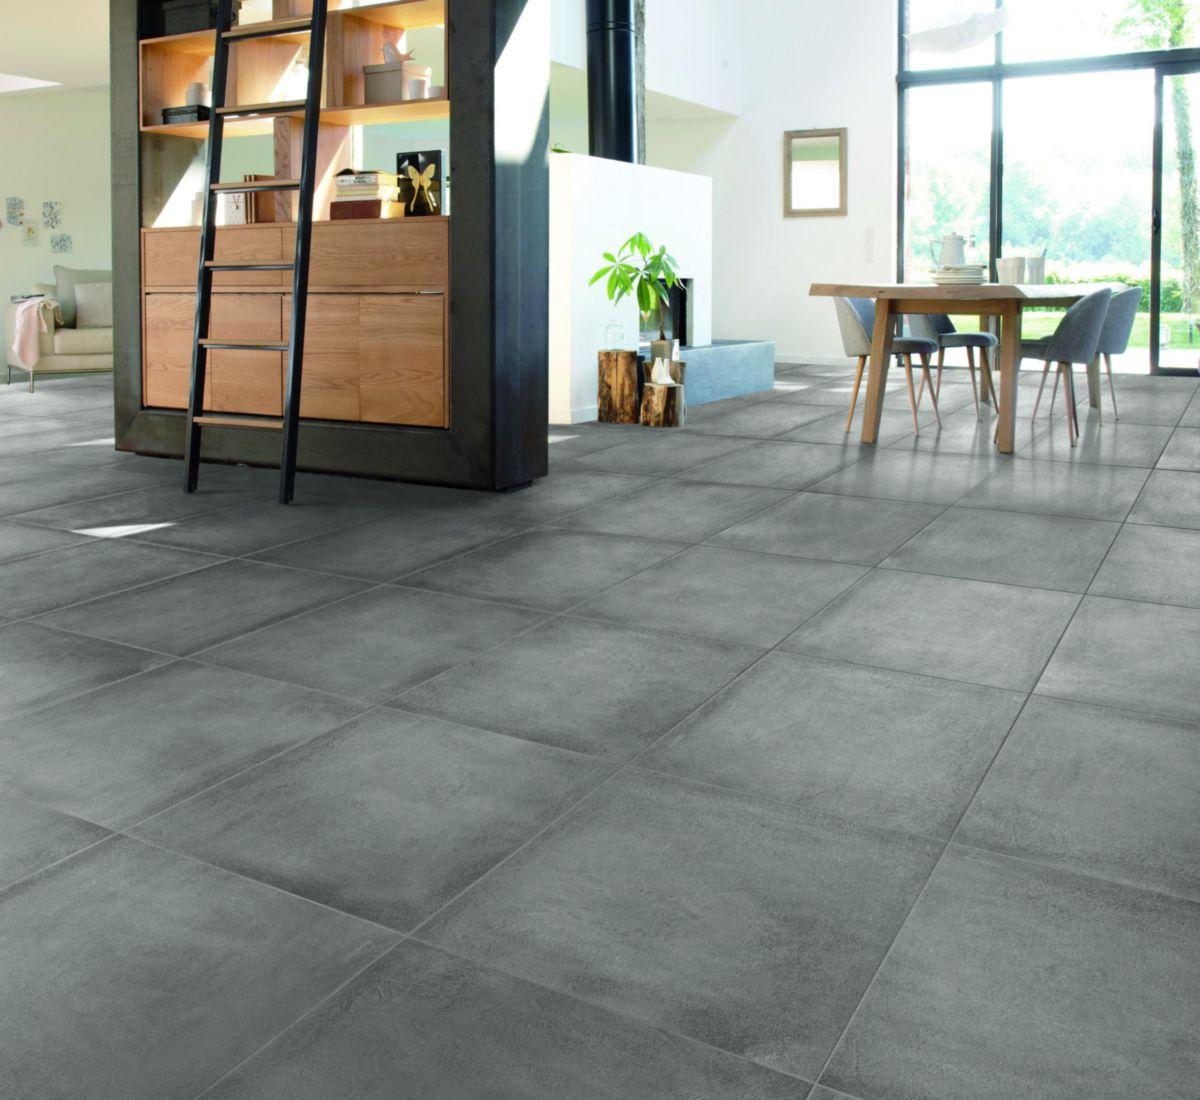 Carrelage Sol Interieur Gres Cerame Ciment Palais Rectifie 60x60 Cm Desvres